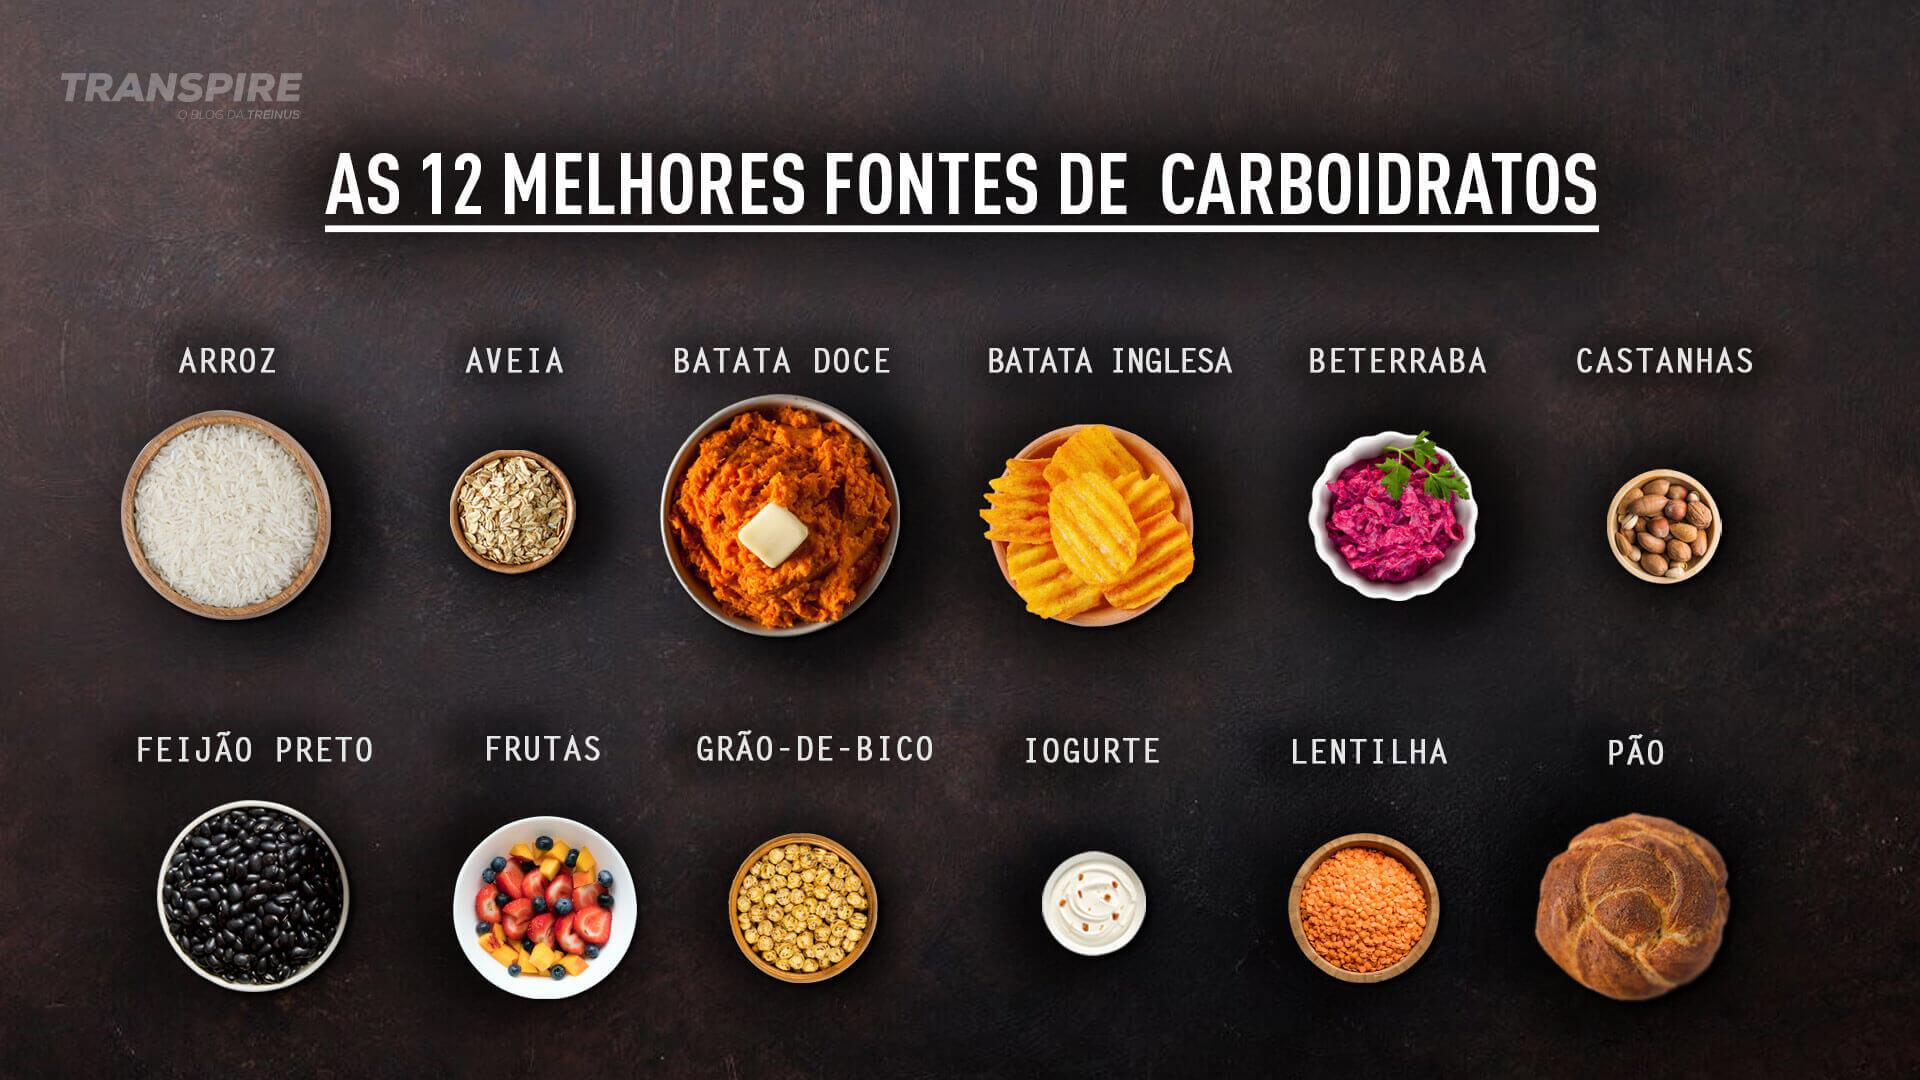 infográfico com as 12 melhores fontes de carboidratos